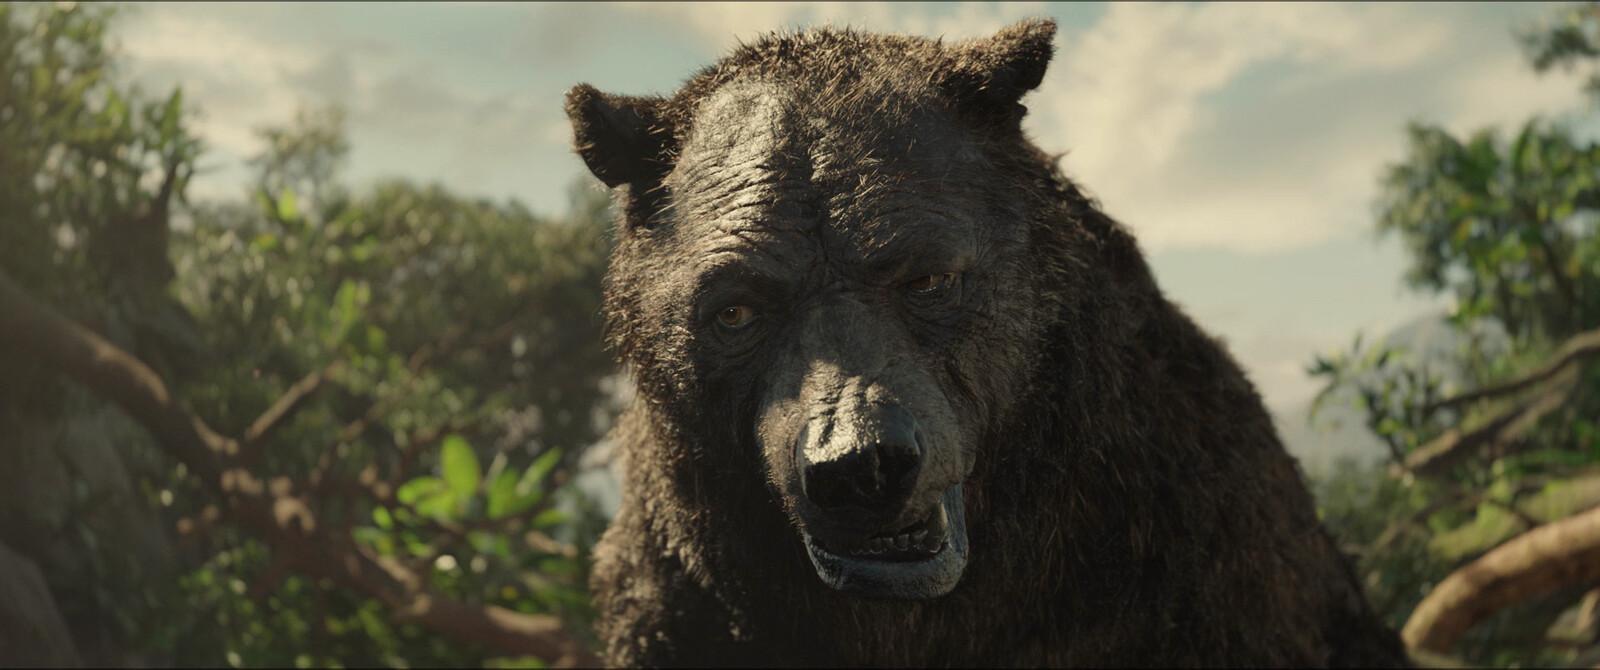 Baloo close up 01